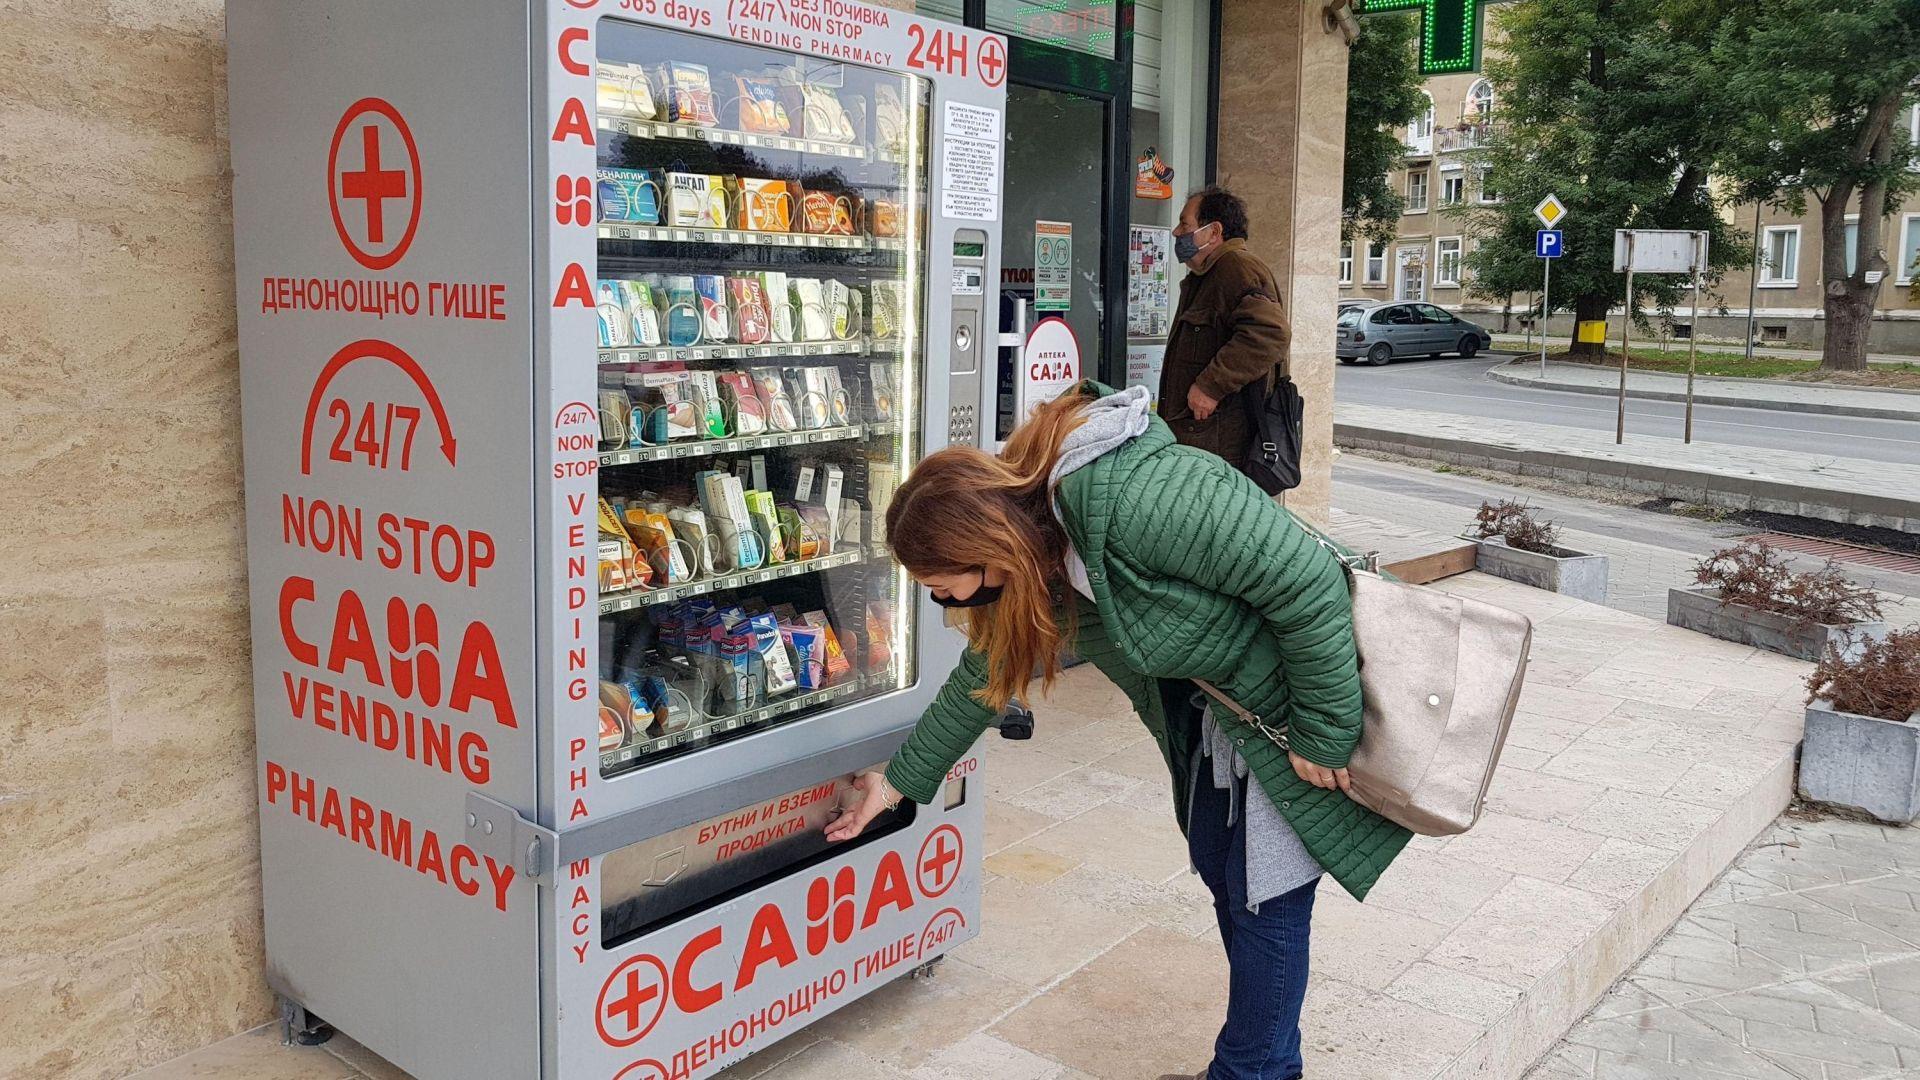 Във Варна заработи първата вендинг машина за лекарства (снимки)